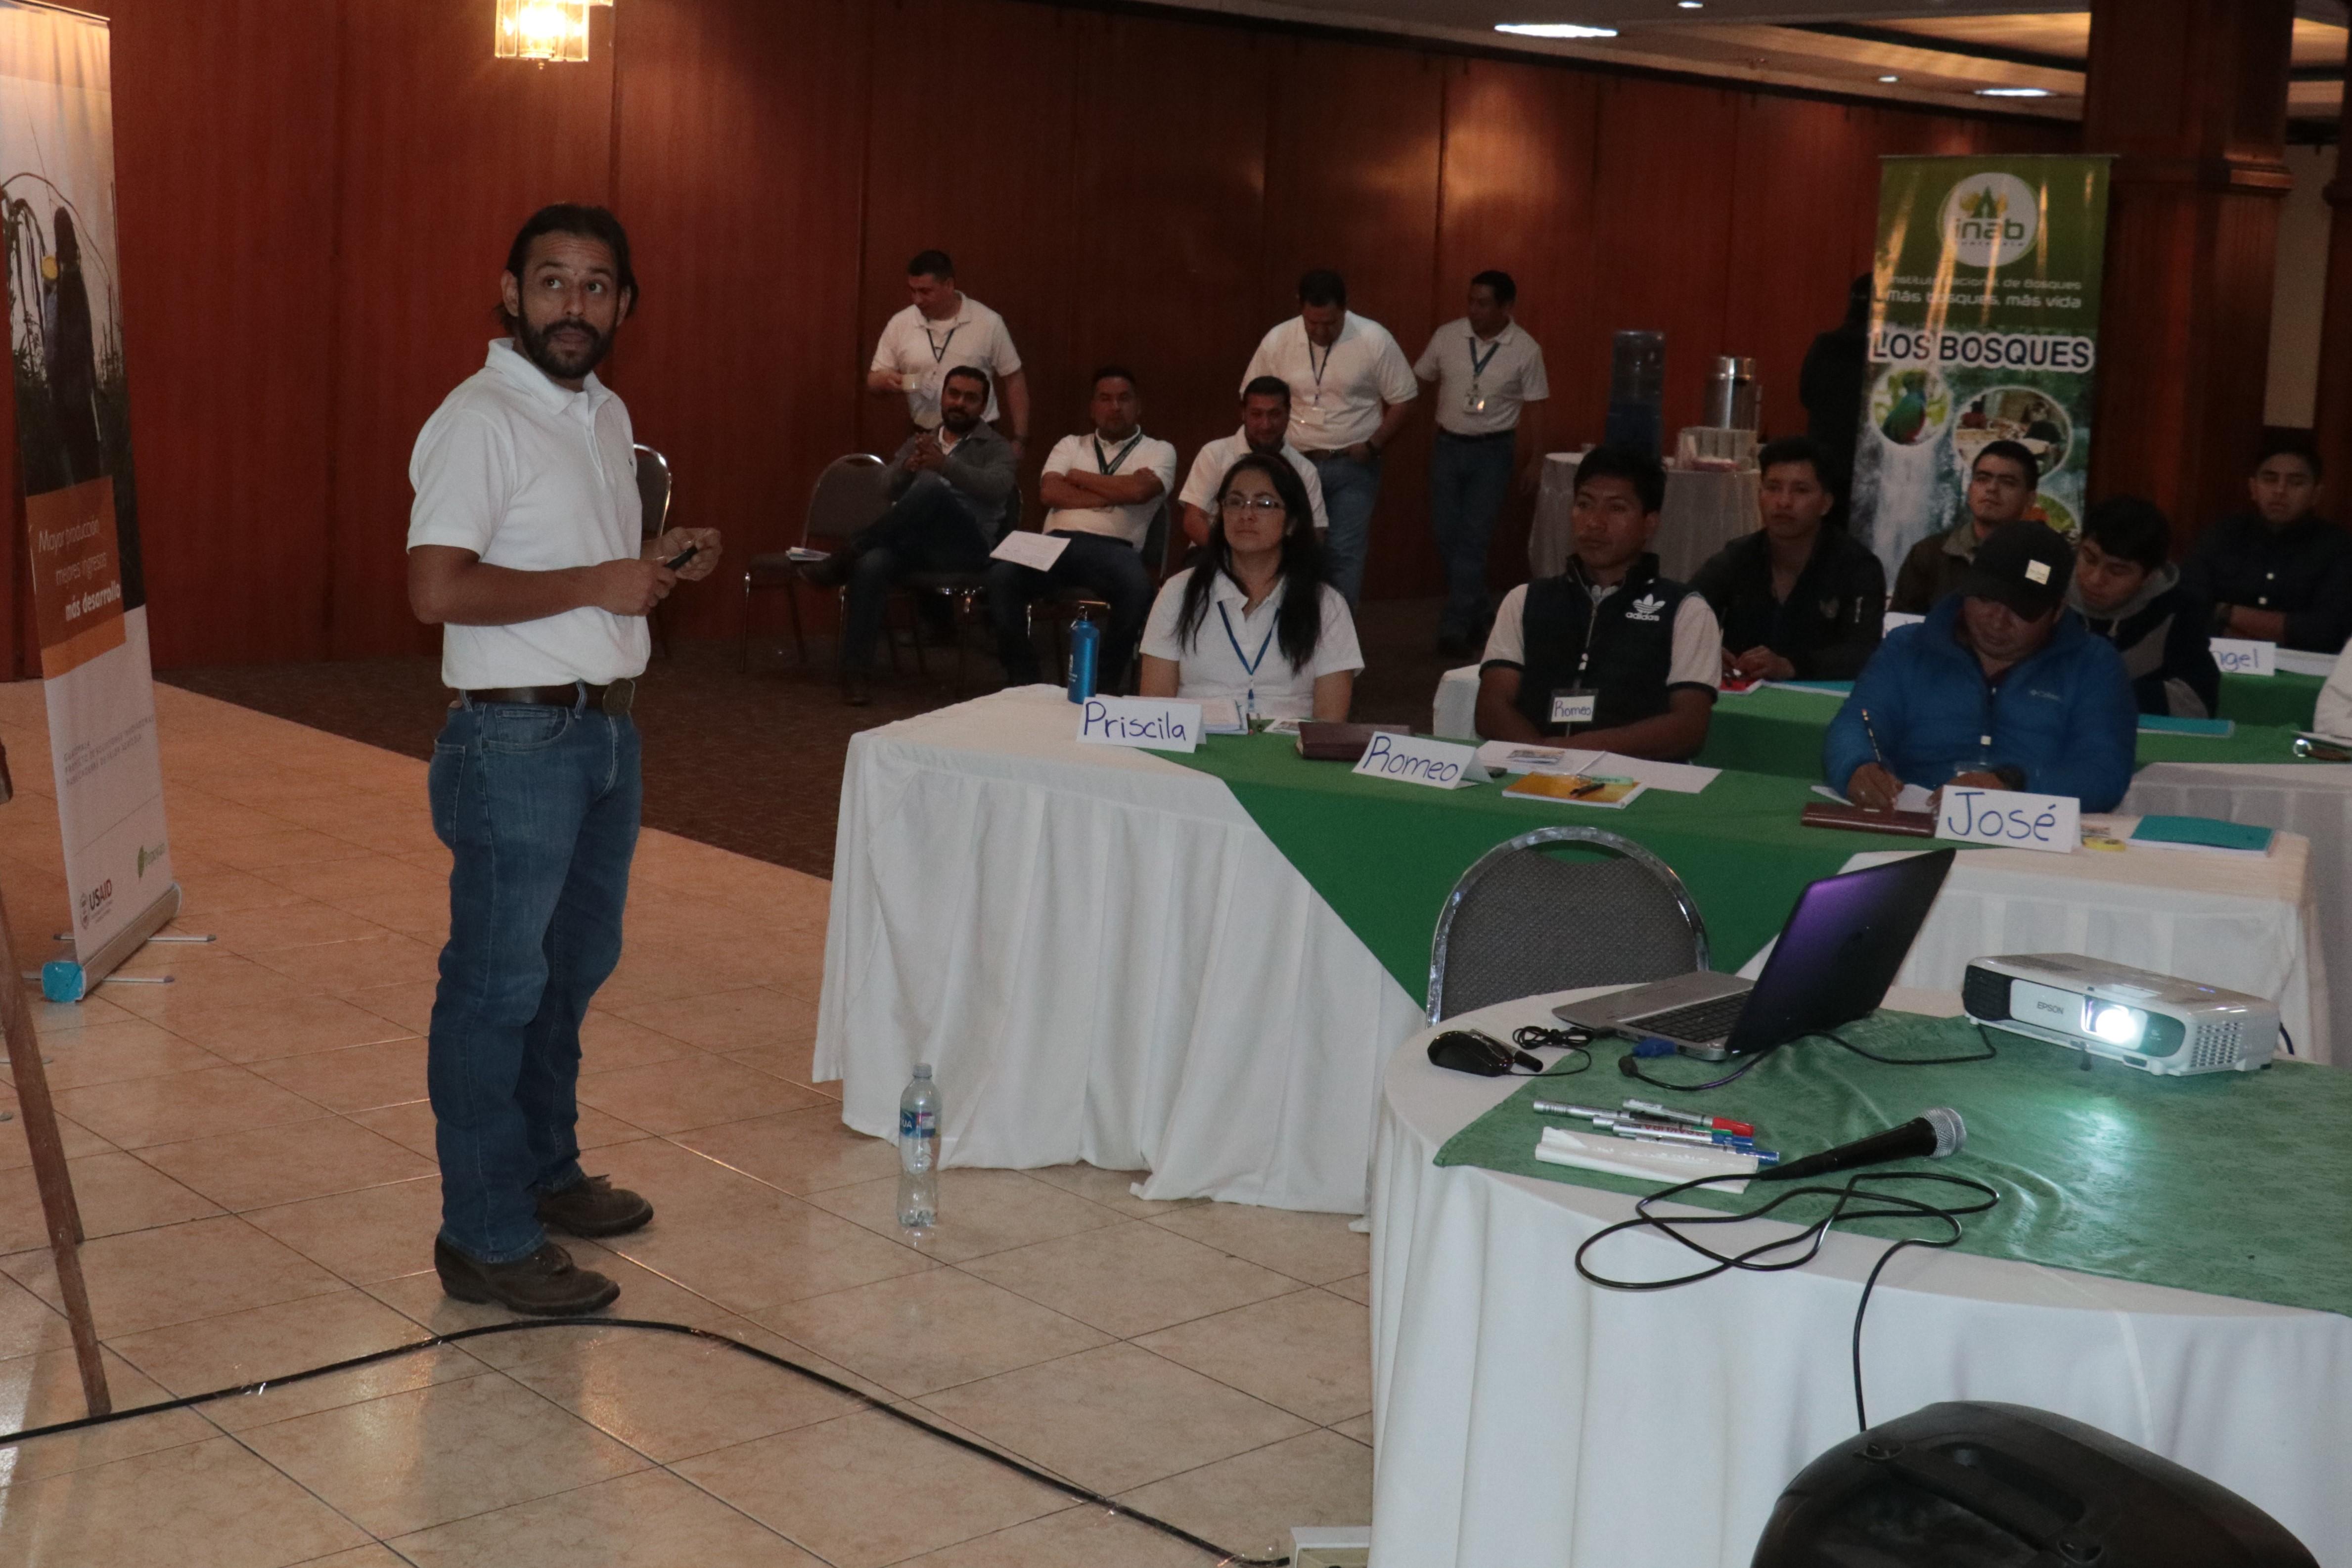 Óscar Rodríguez es uno de los expertos brigadistas que ha participado en talleres en varios países de Latinoamérica. (Foto Prensa Libre: Raúl Juárez)